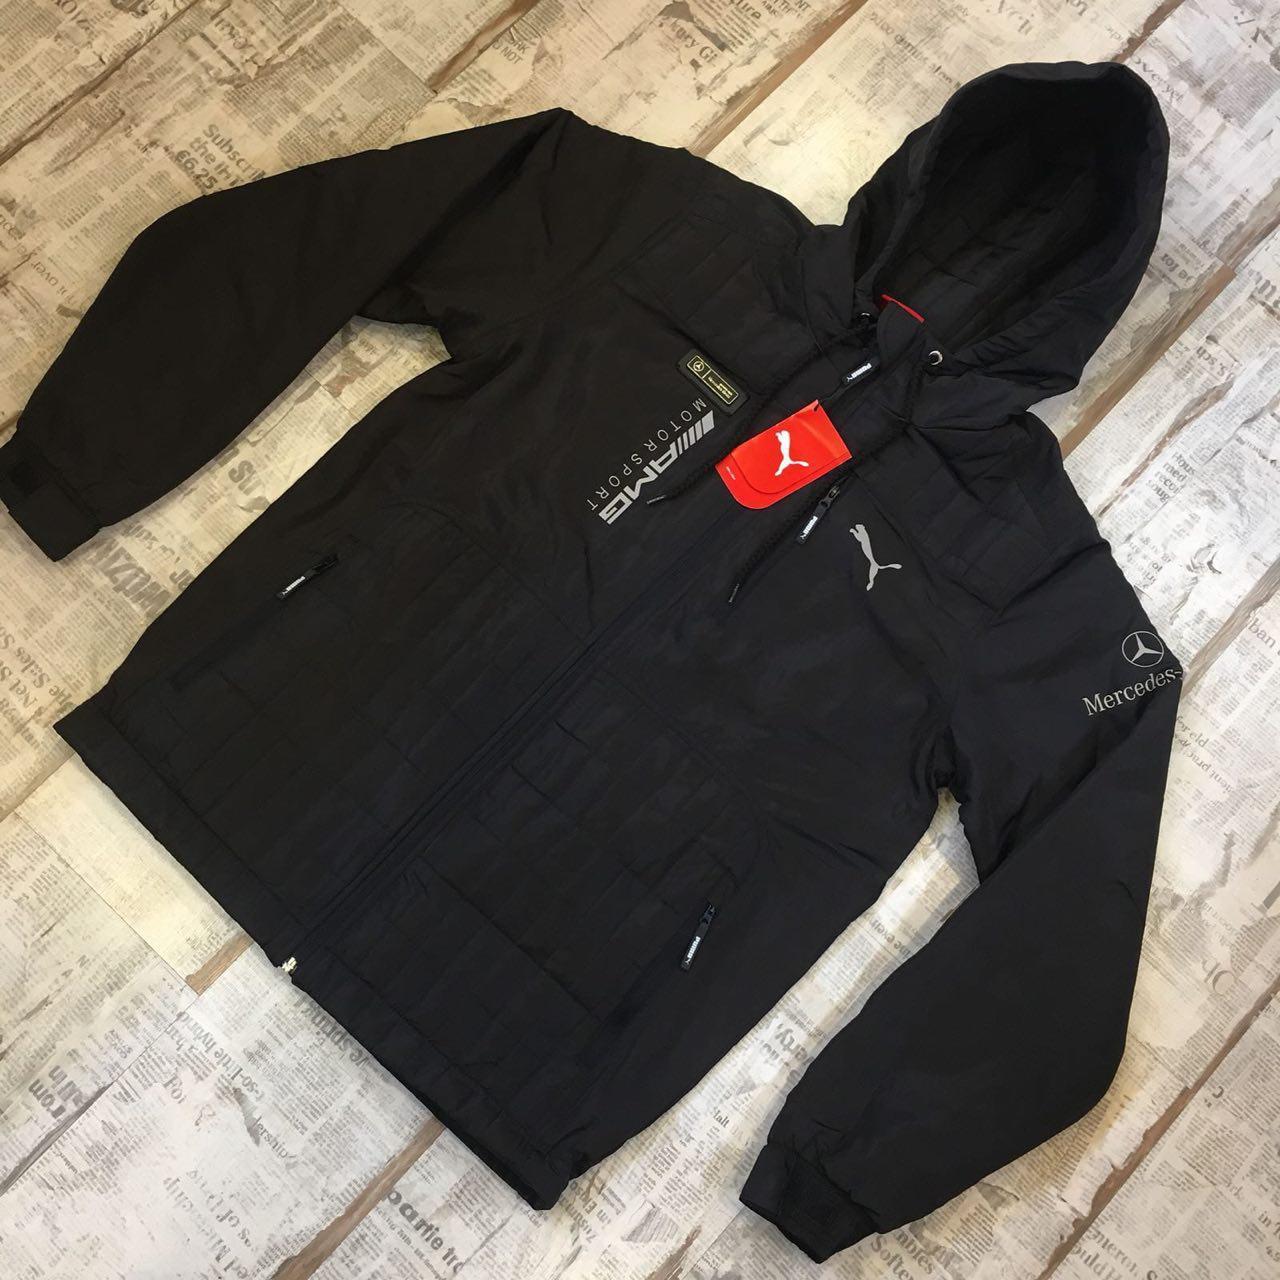 Осенняя мужская куртка Puma AMG Mercedes